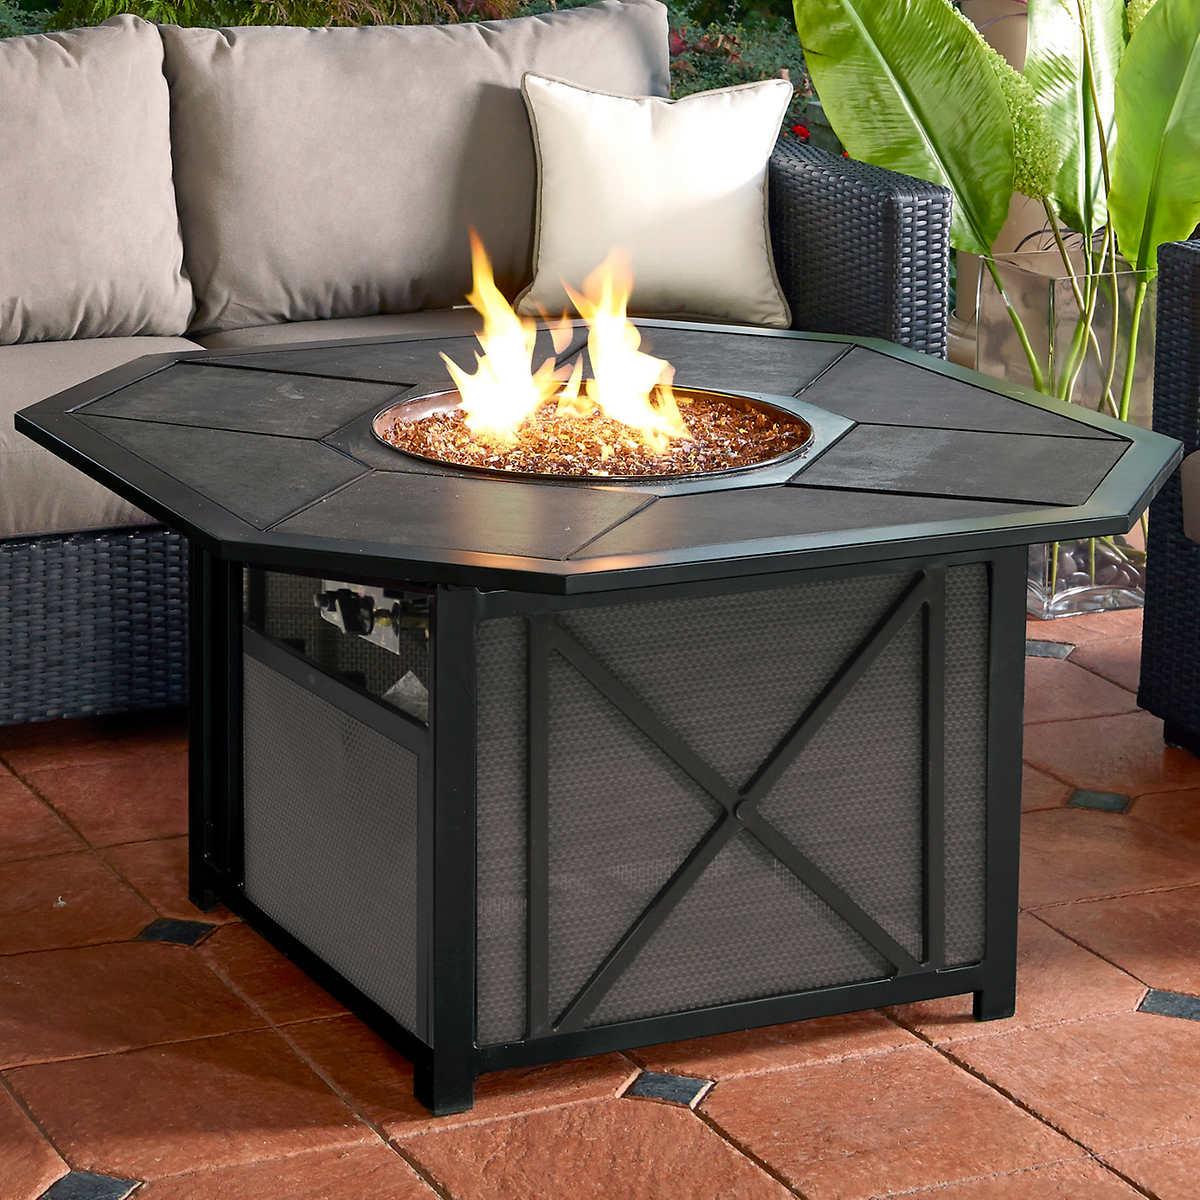 fire pit  costco - lagunamonaco fire pit table